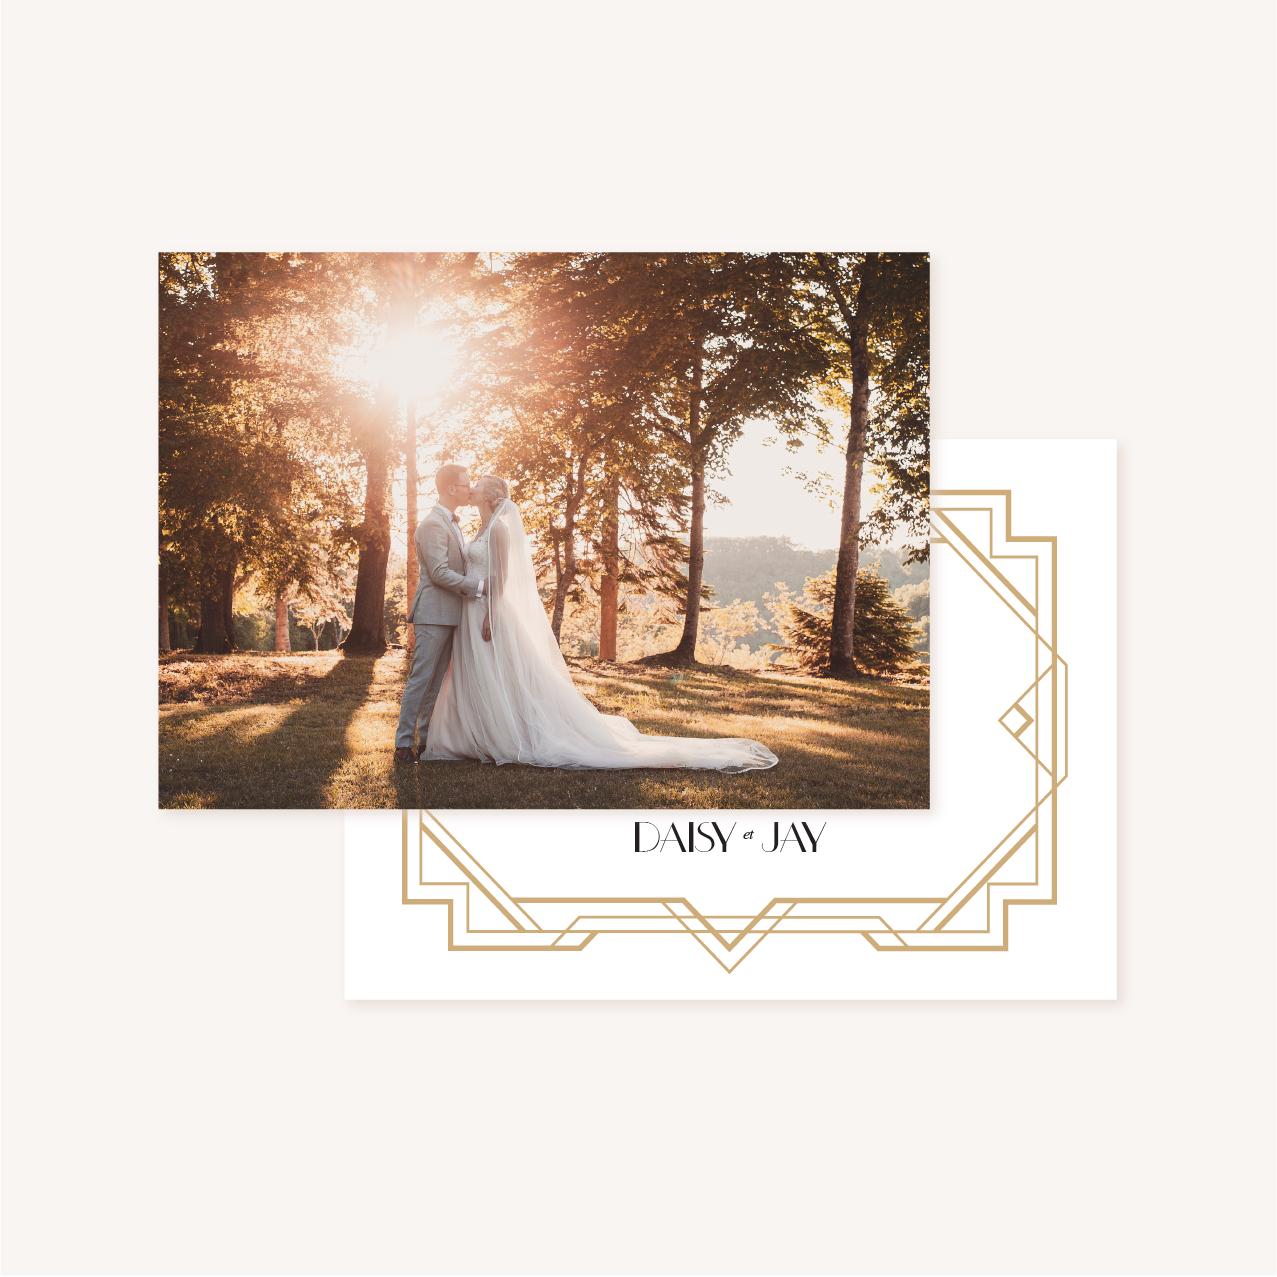 Carte remerciements photo faire-part mariage or blanc noir gatsby art déco